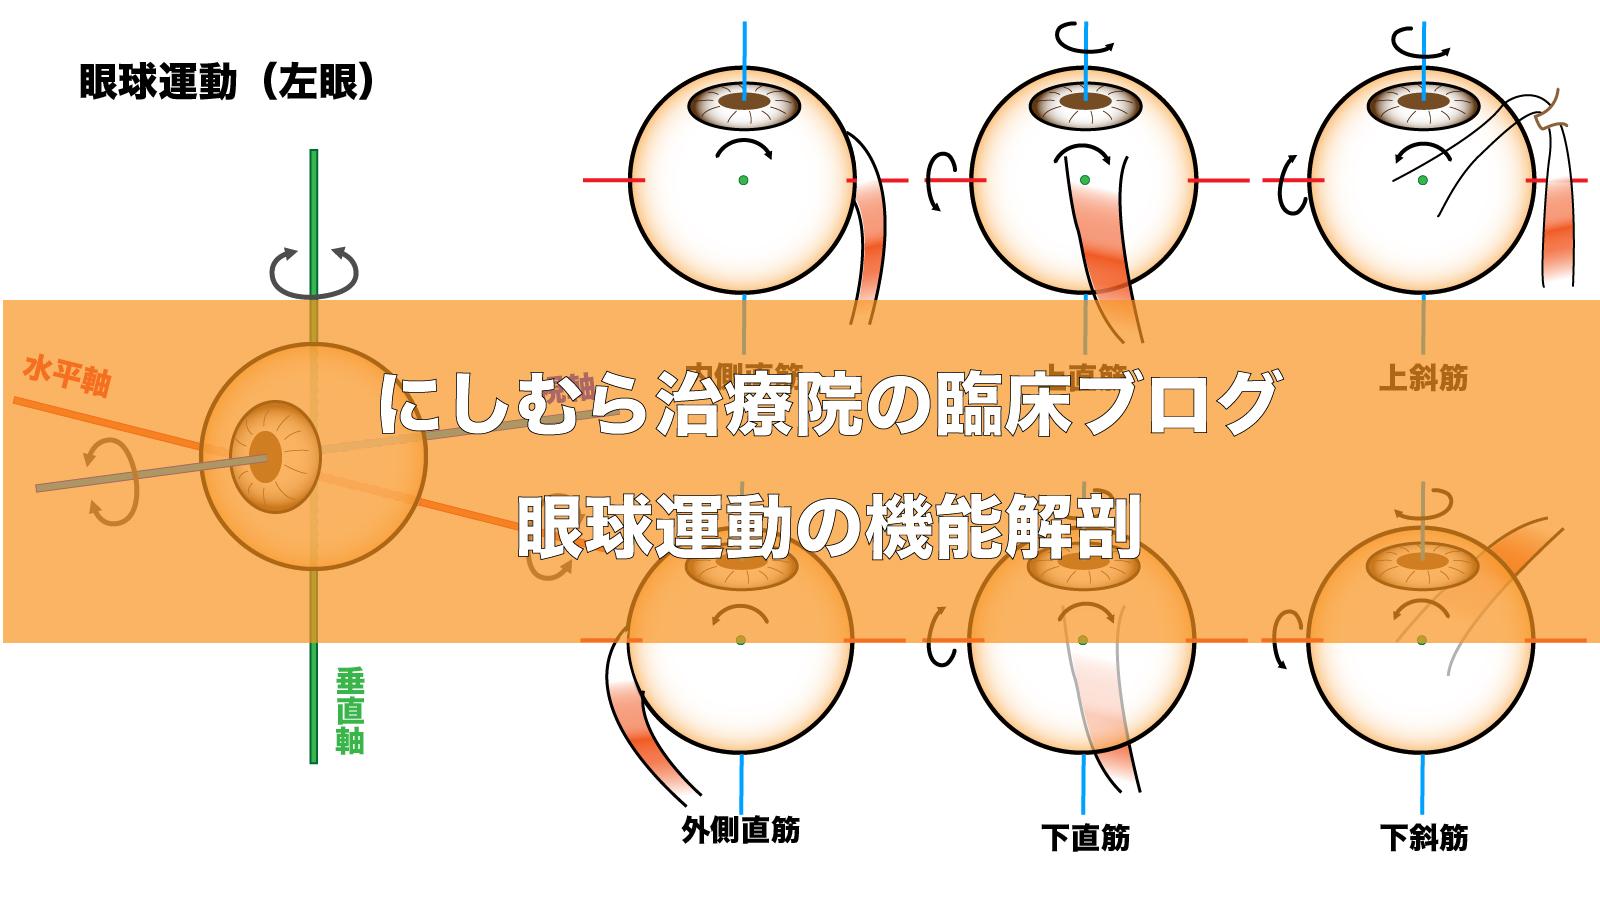 眼球運動の機能 タイトル